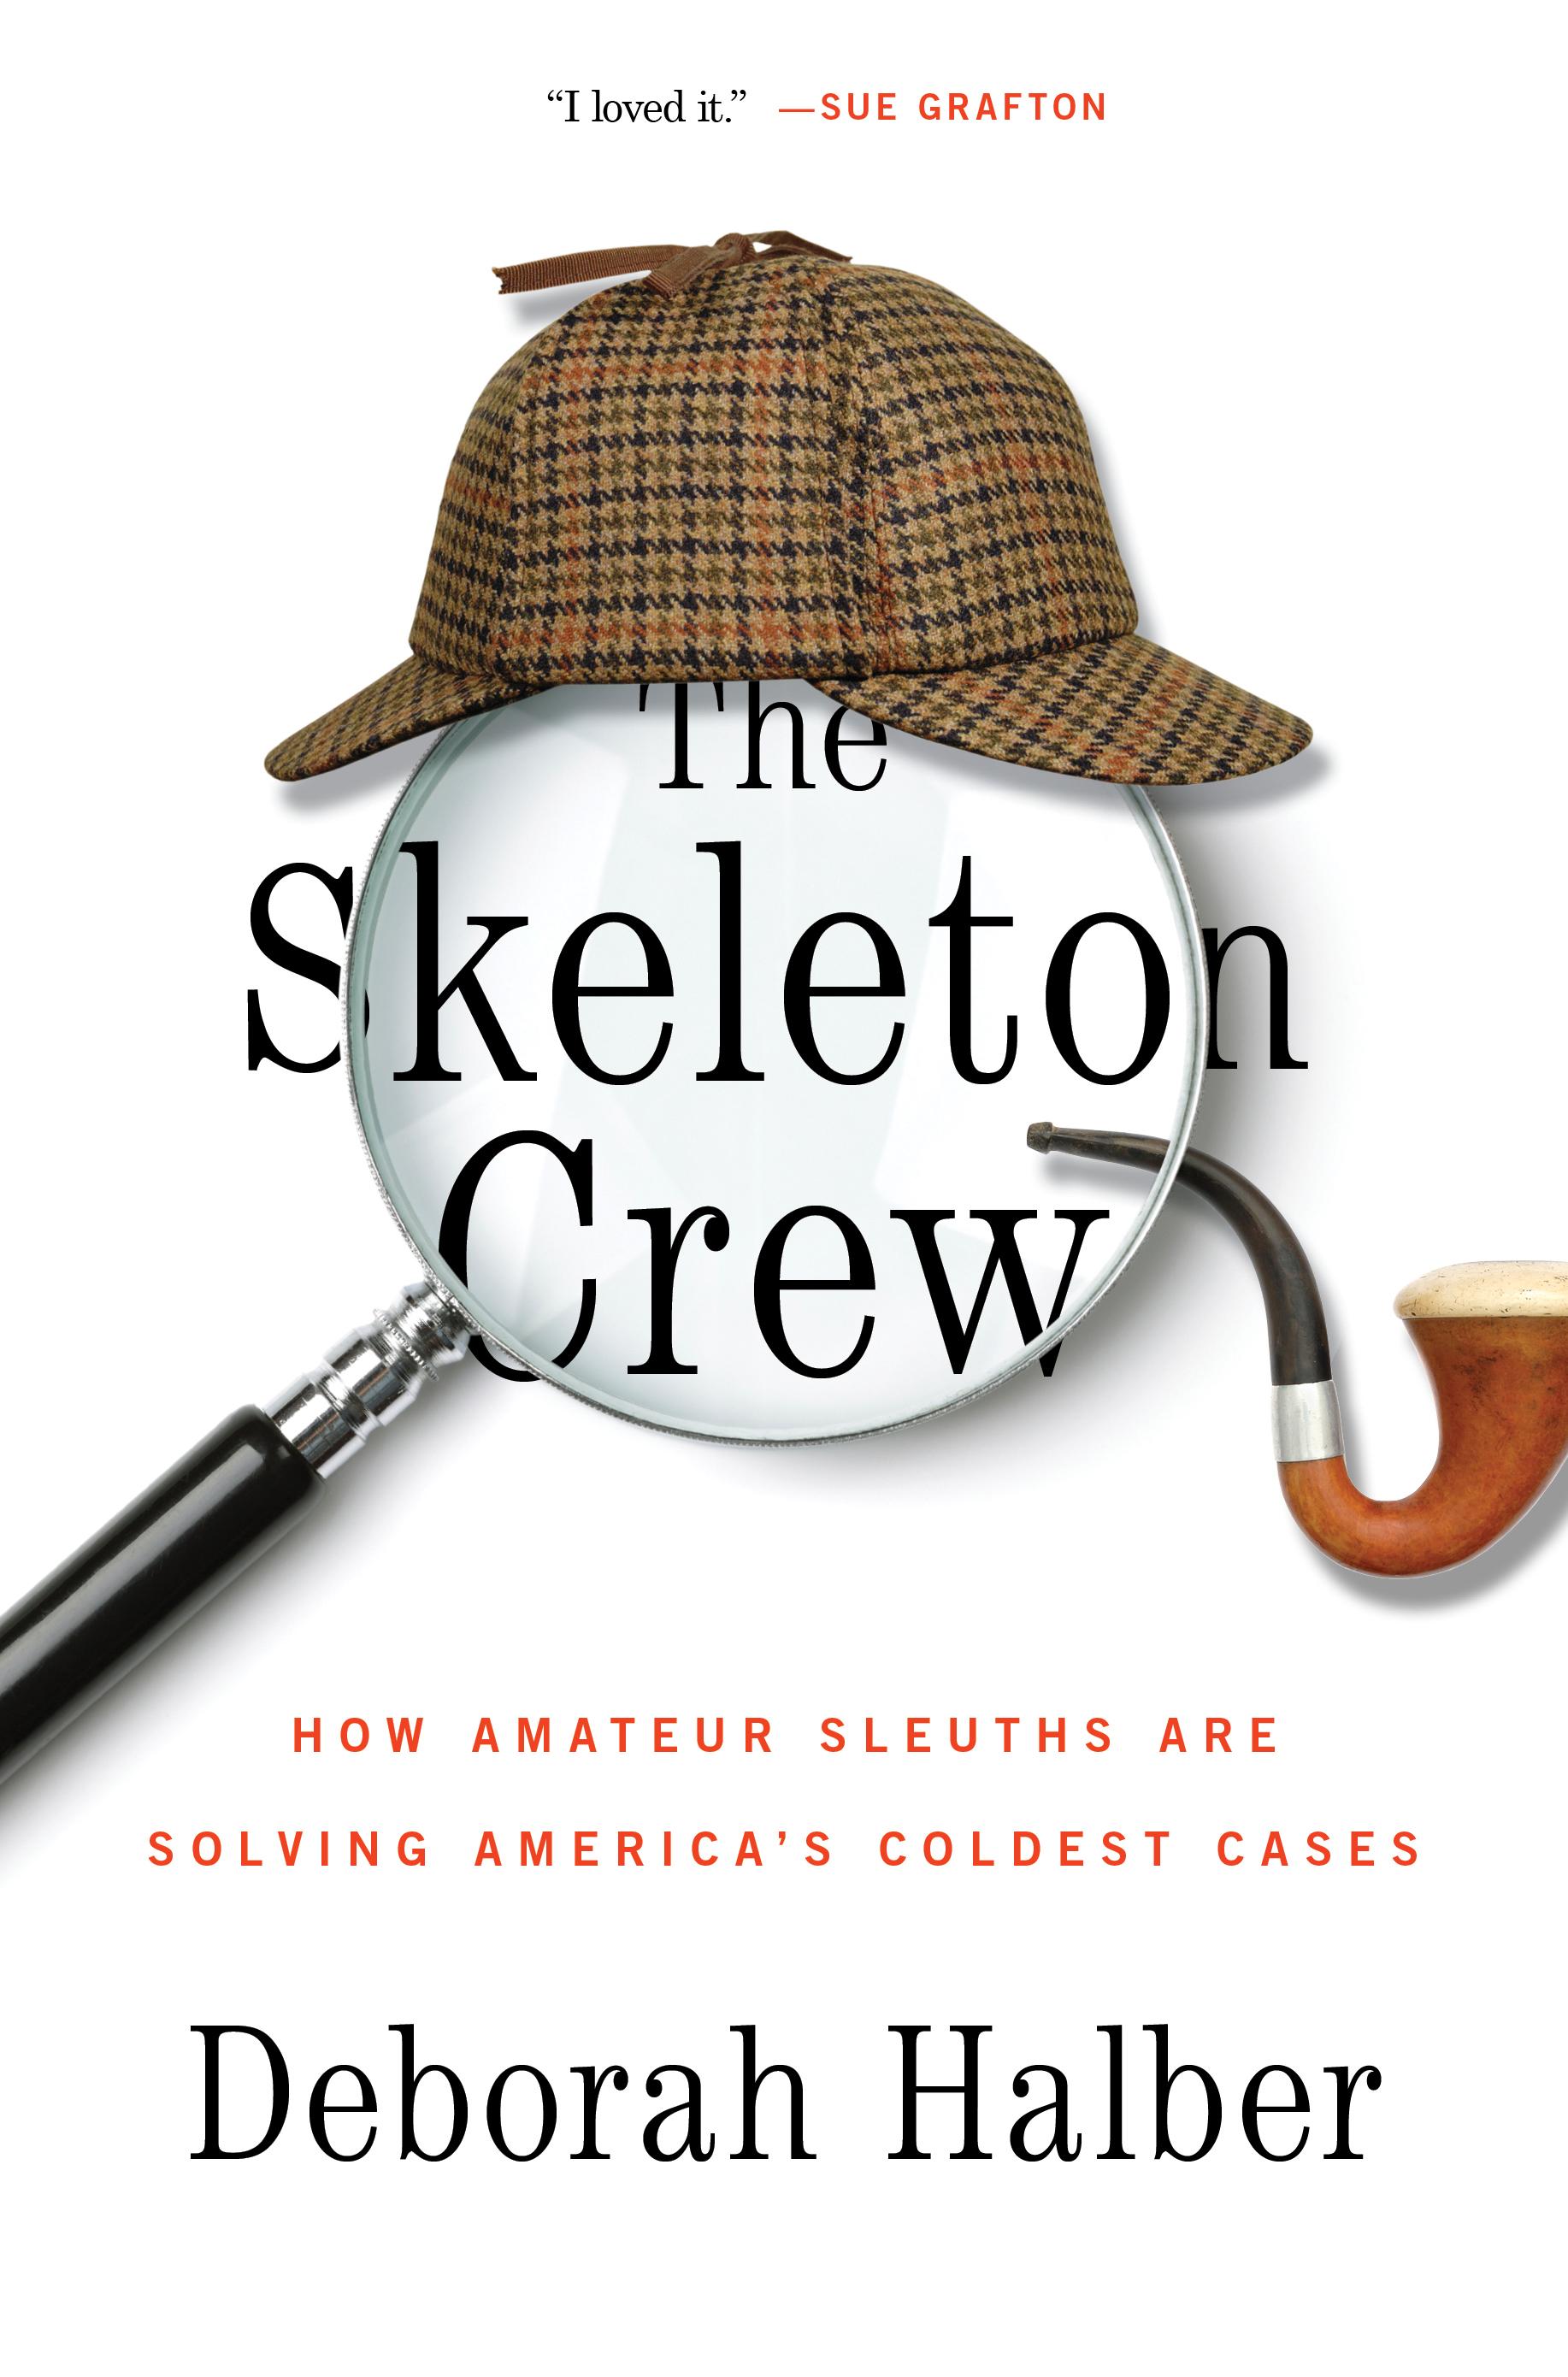 The Skeleton Crew, by Deborah Halber